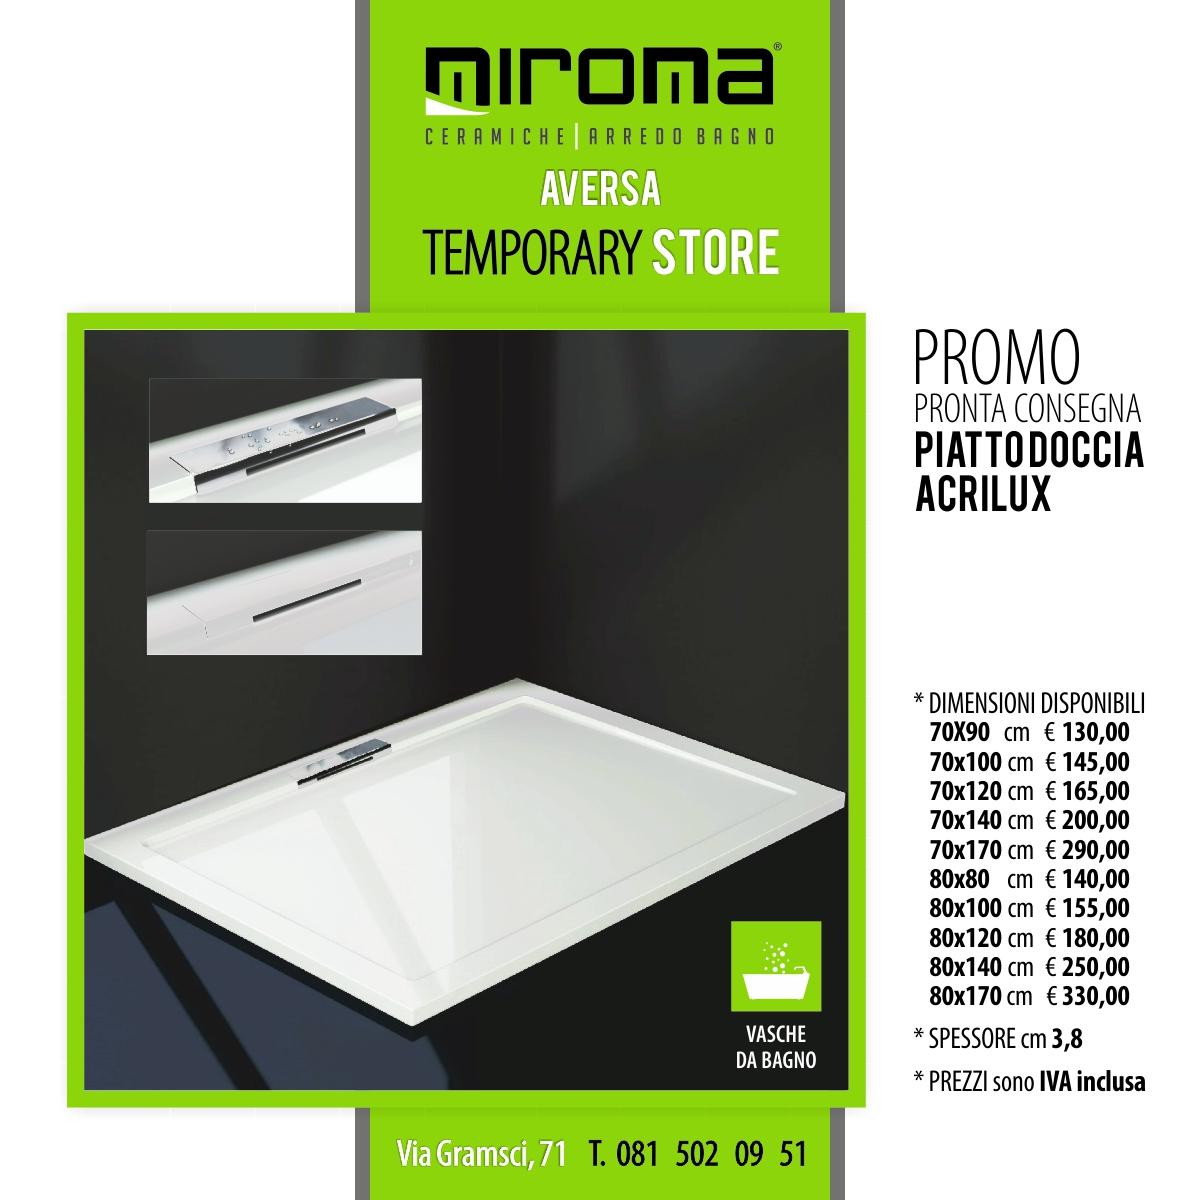 Piatto Doccia 80 X 140 Prezzi.Piatto Doccia Acrilux Miroma Ceramiche